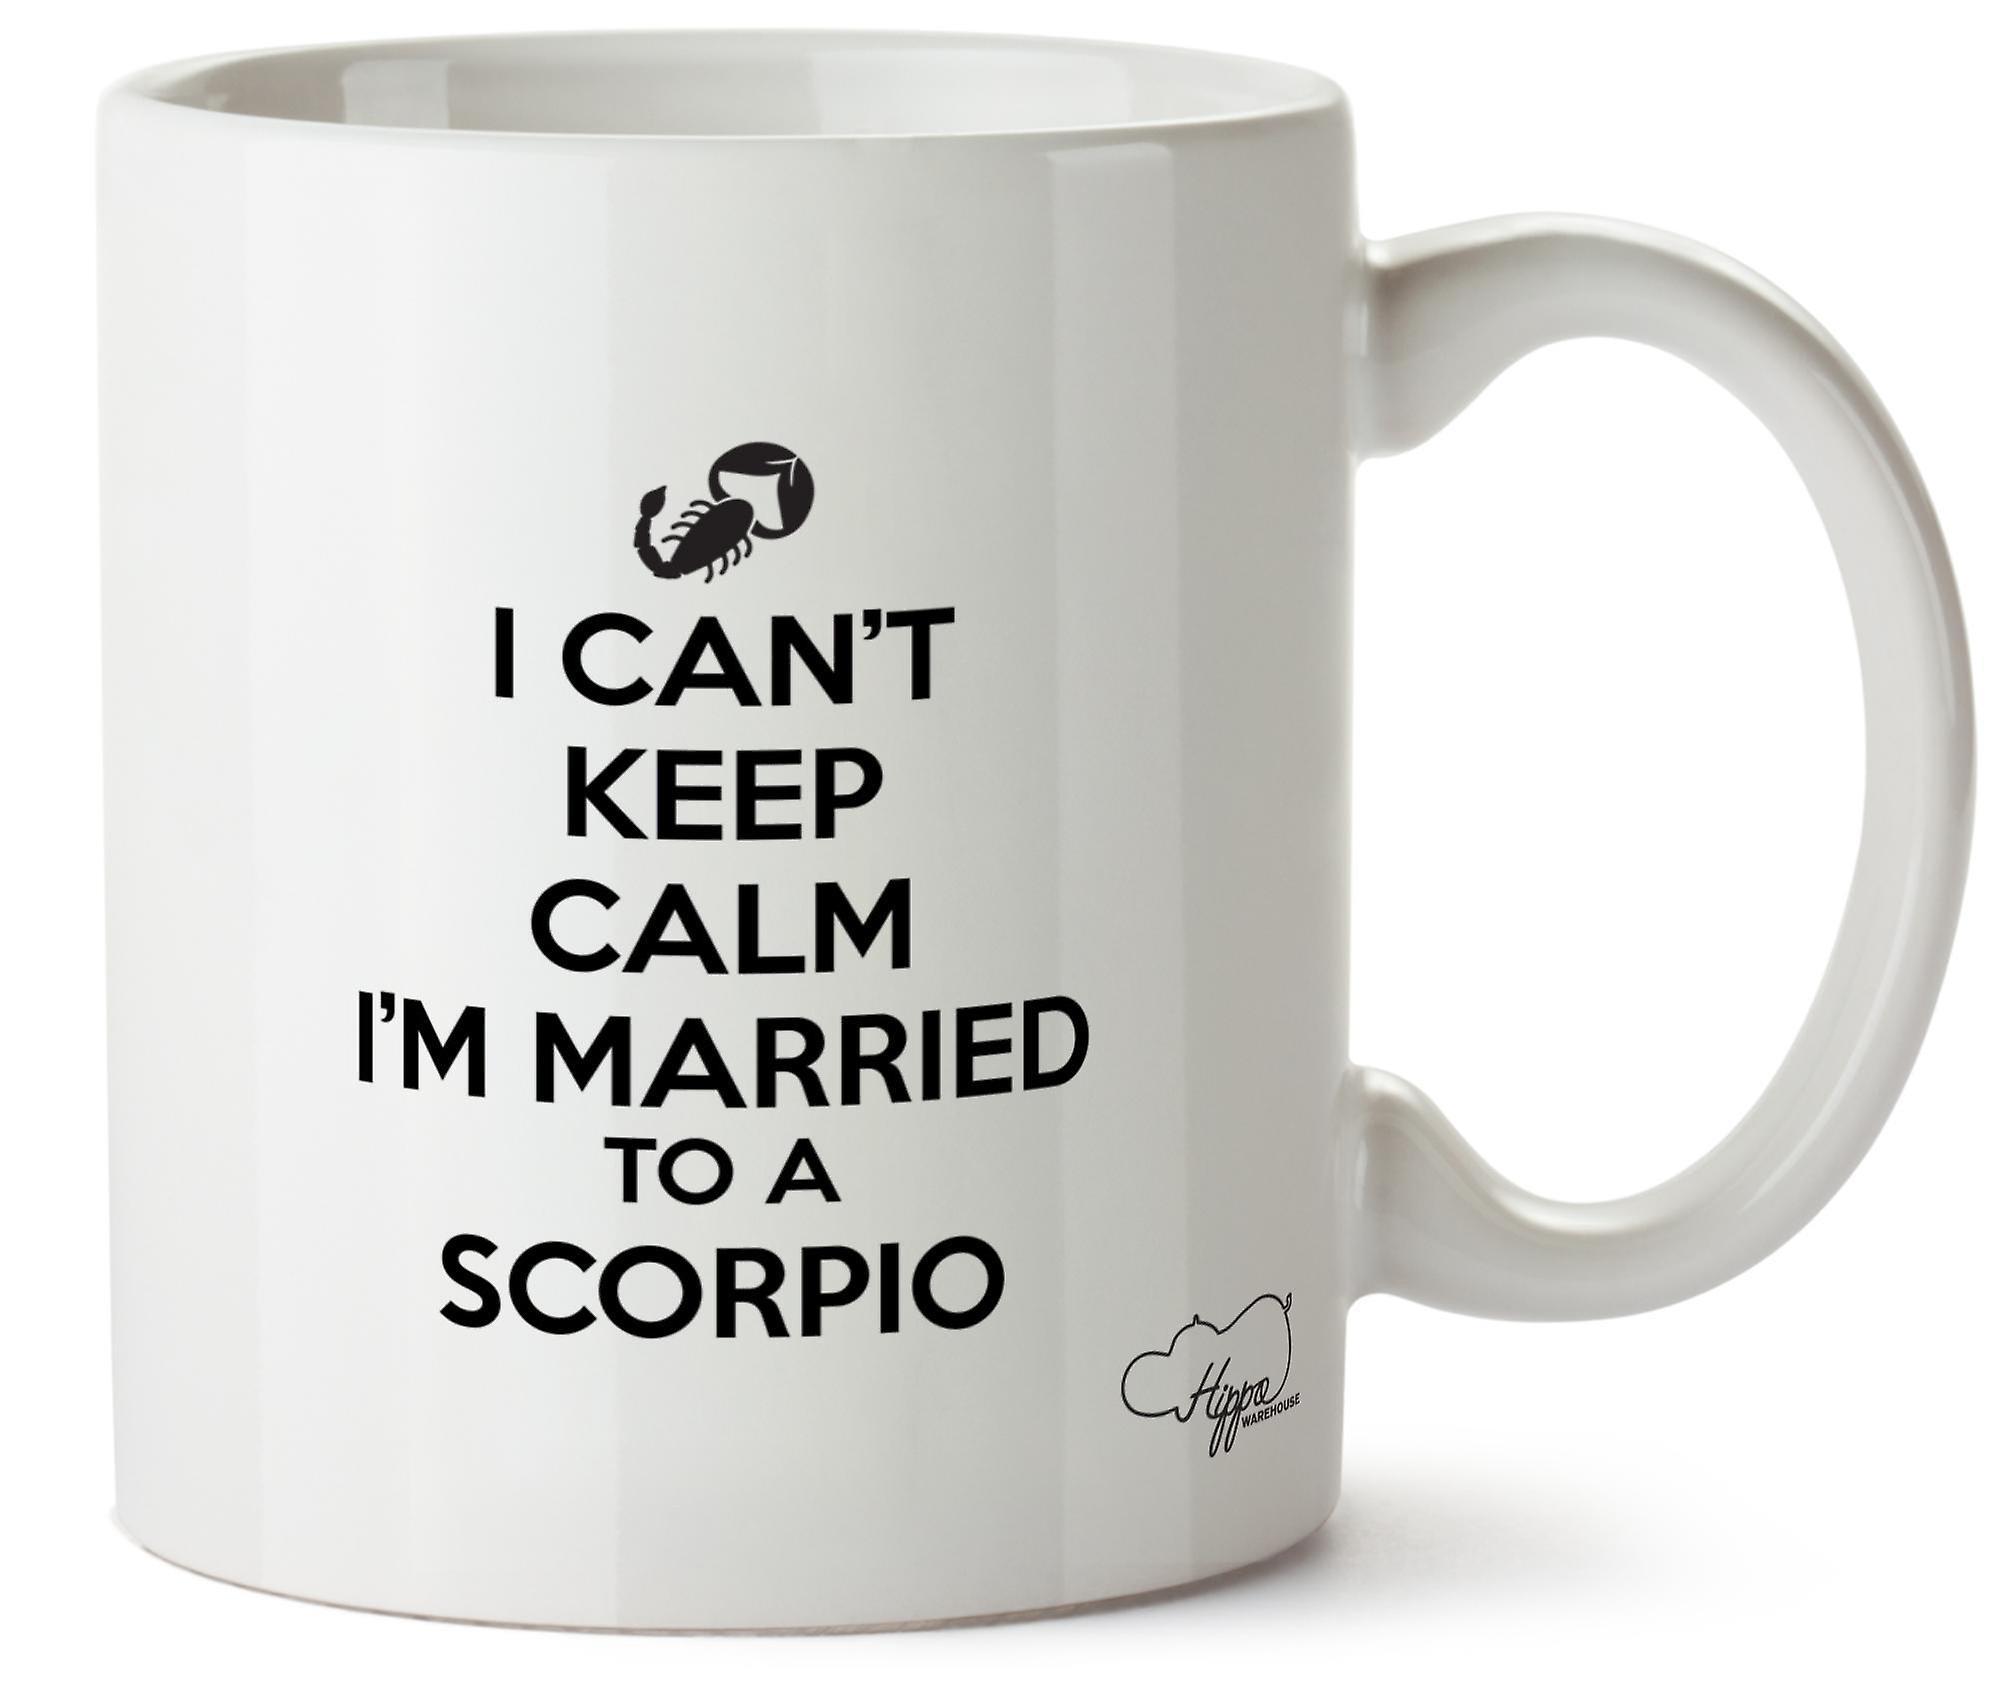 En Que Je Un Imprimé Garder Céramique Peux Calme Hippowarehouse À Ne Scorpion 10oz Tasse Mariée Pas Suis ARL4j5